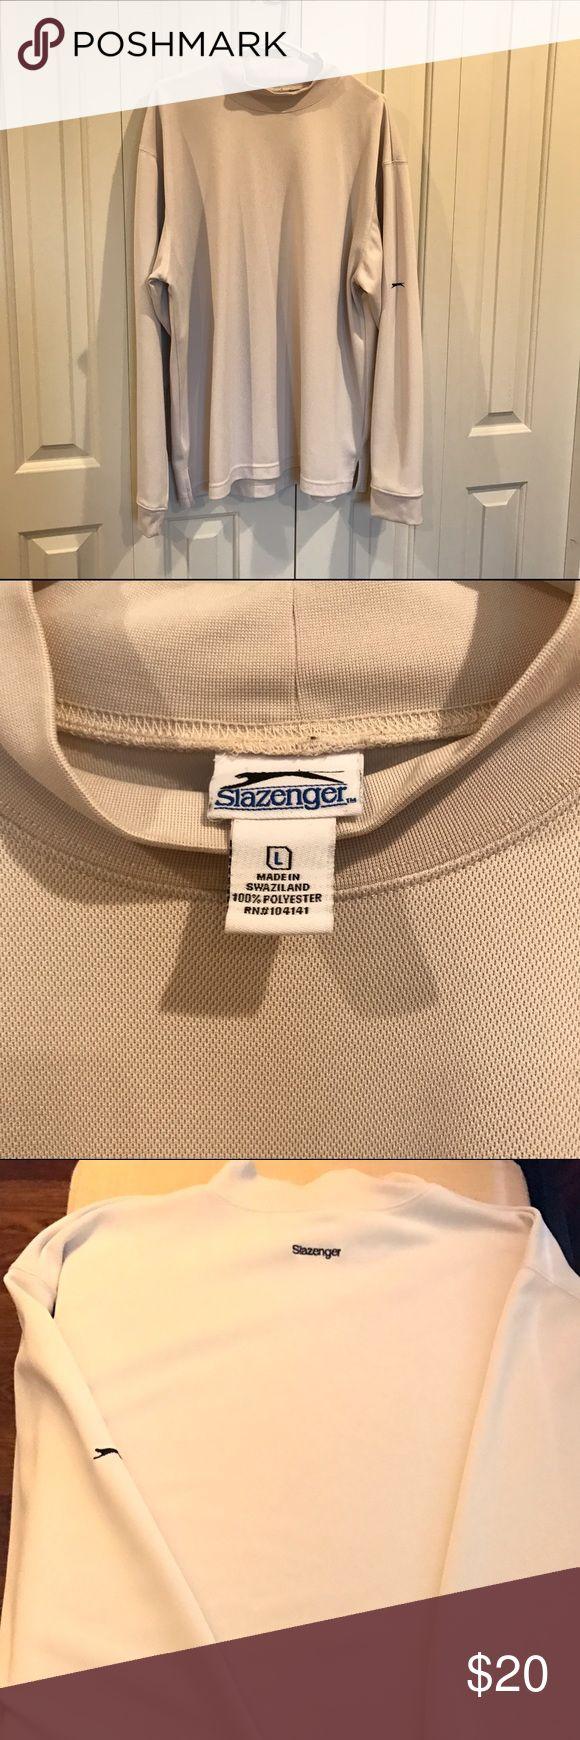 Large Men's Slazenger Beige Golf Long Sleeve Shirt Large Long Sleeve Mock Turtleneck Men's Slazenger Golf Shirt Beige. Shirts